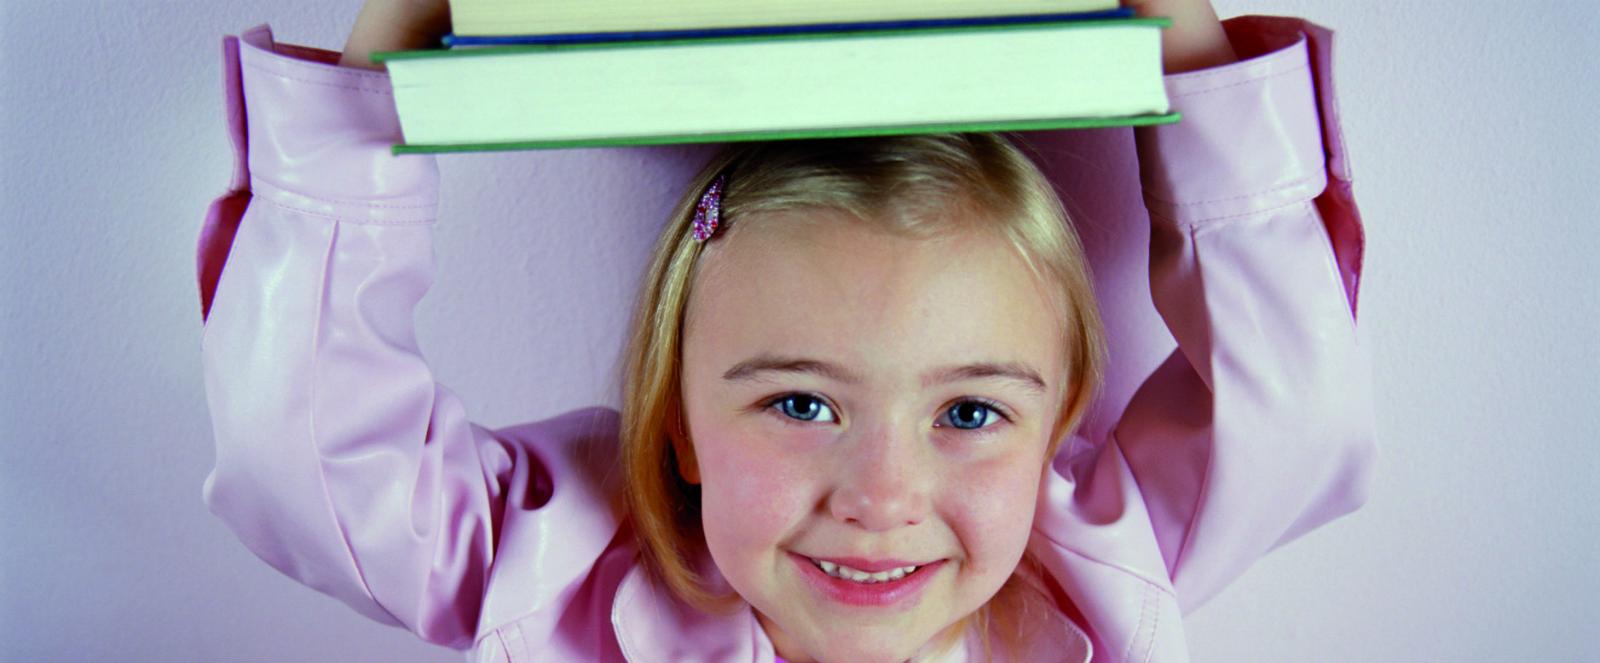 Enfant et livres